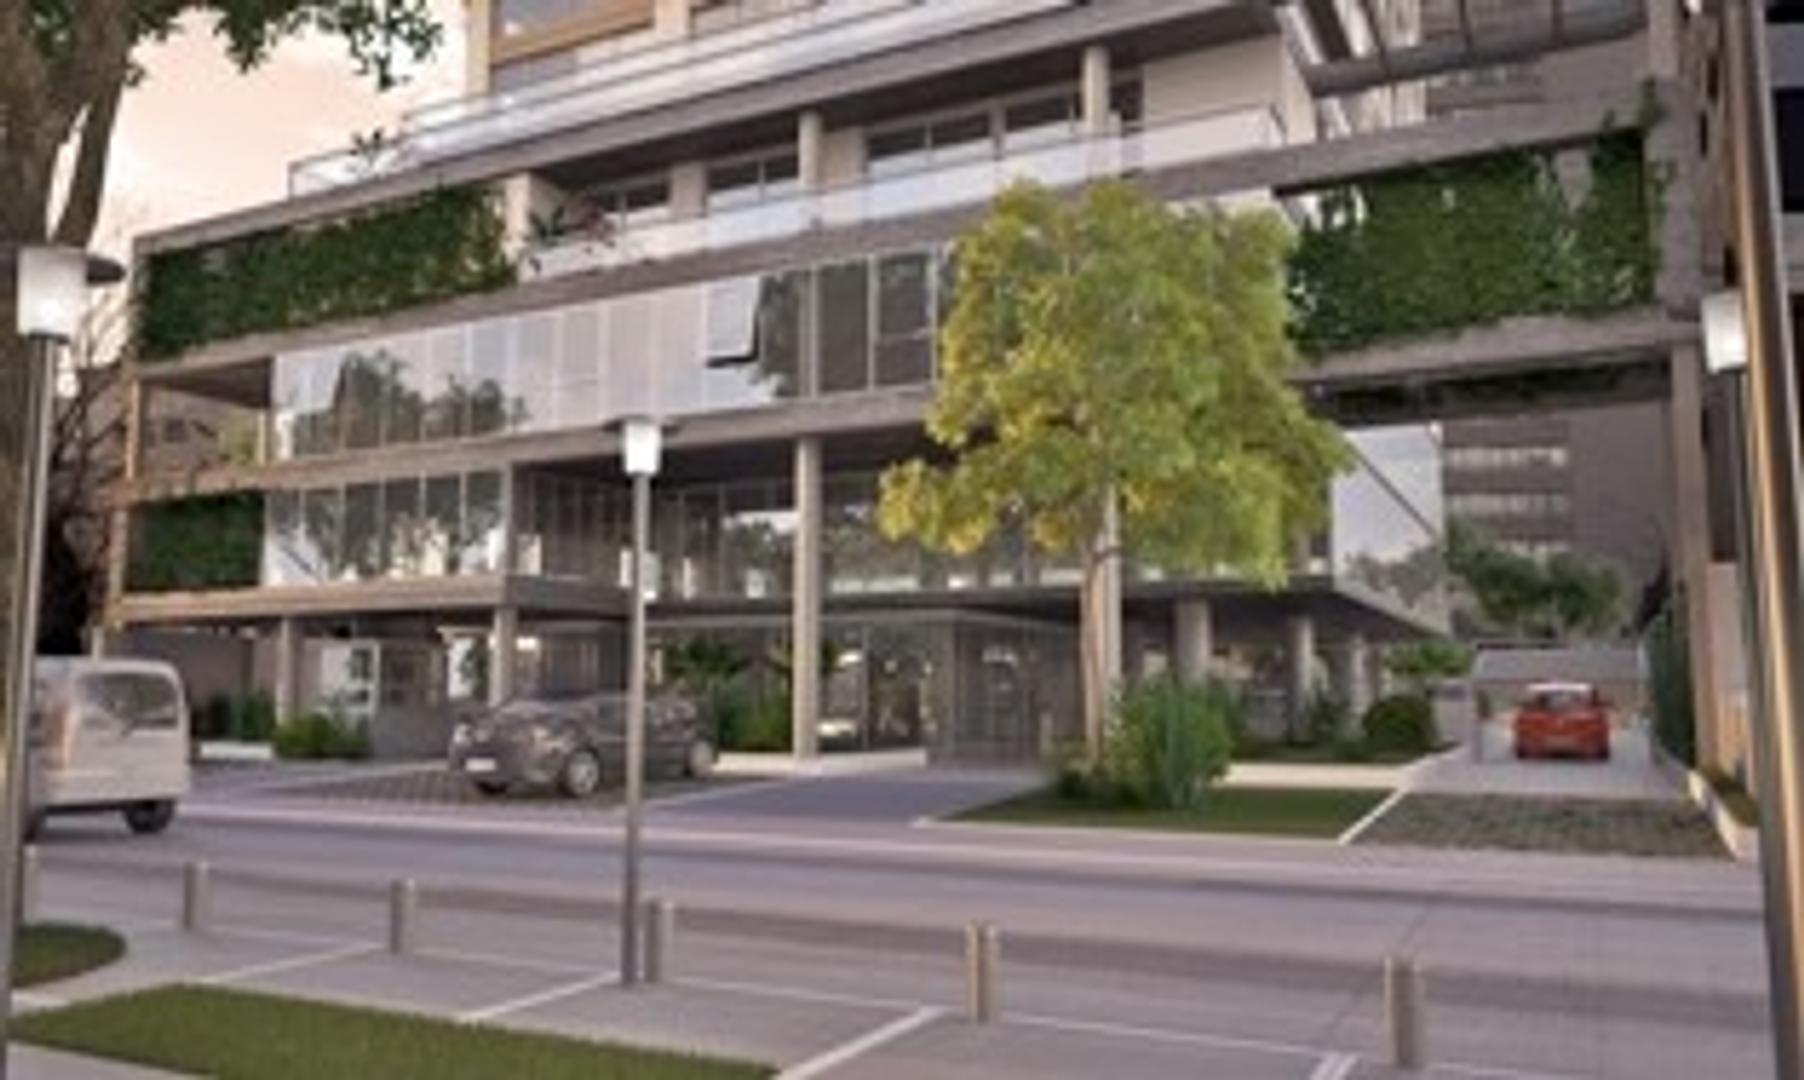 Oficina - Alquiler - Argentina, Vicente López - Boulevard Camacua  AL 400